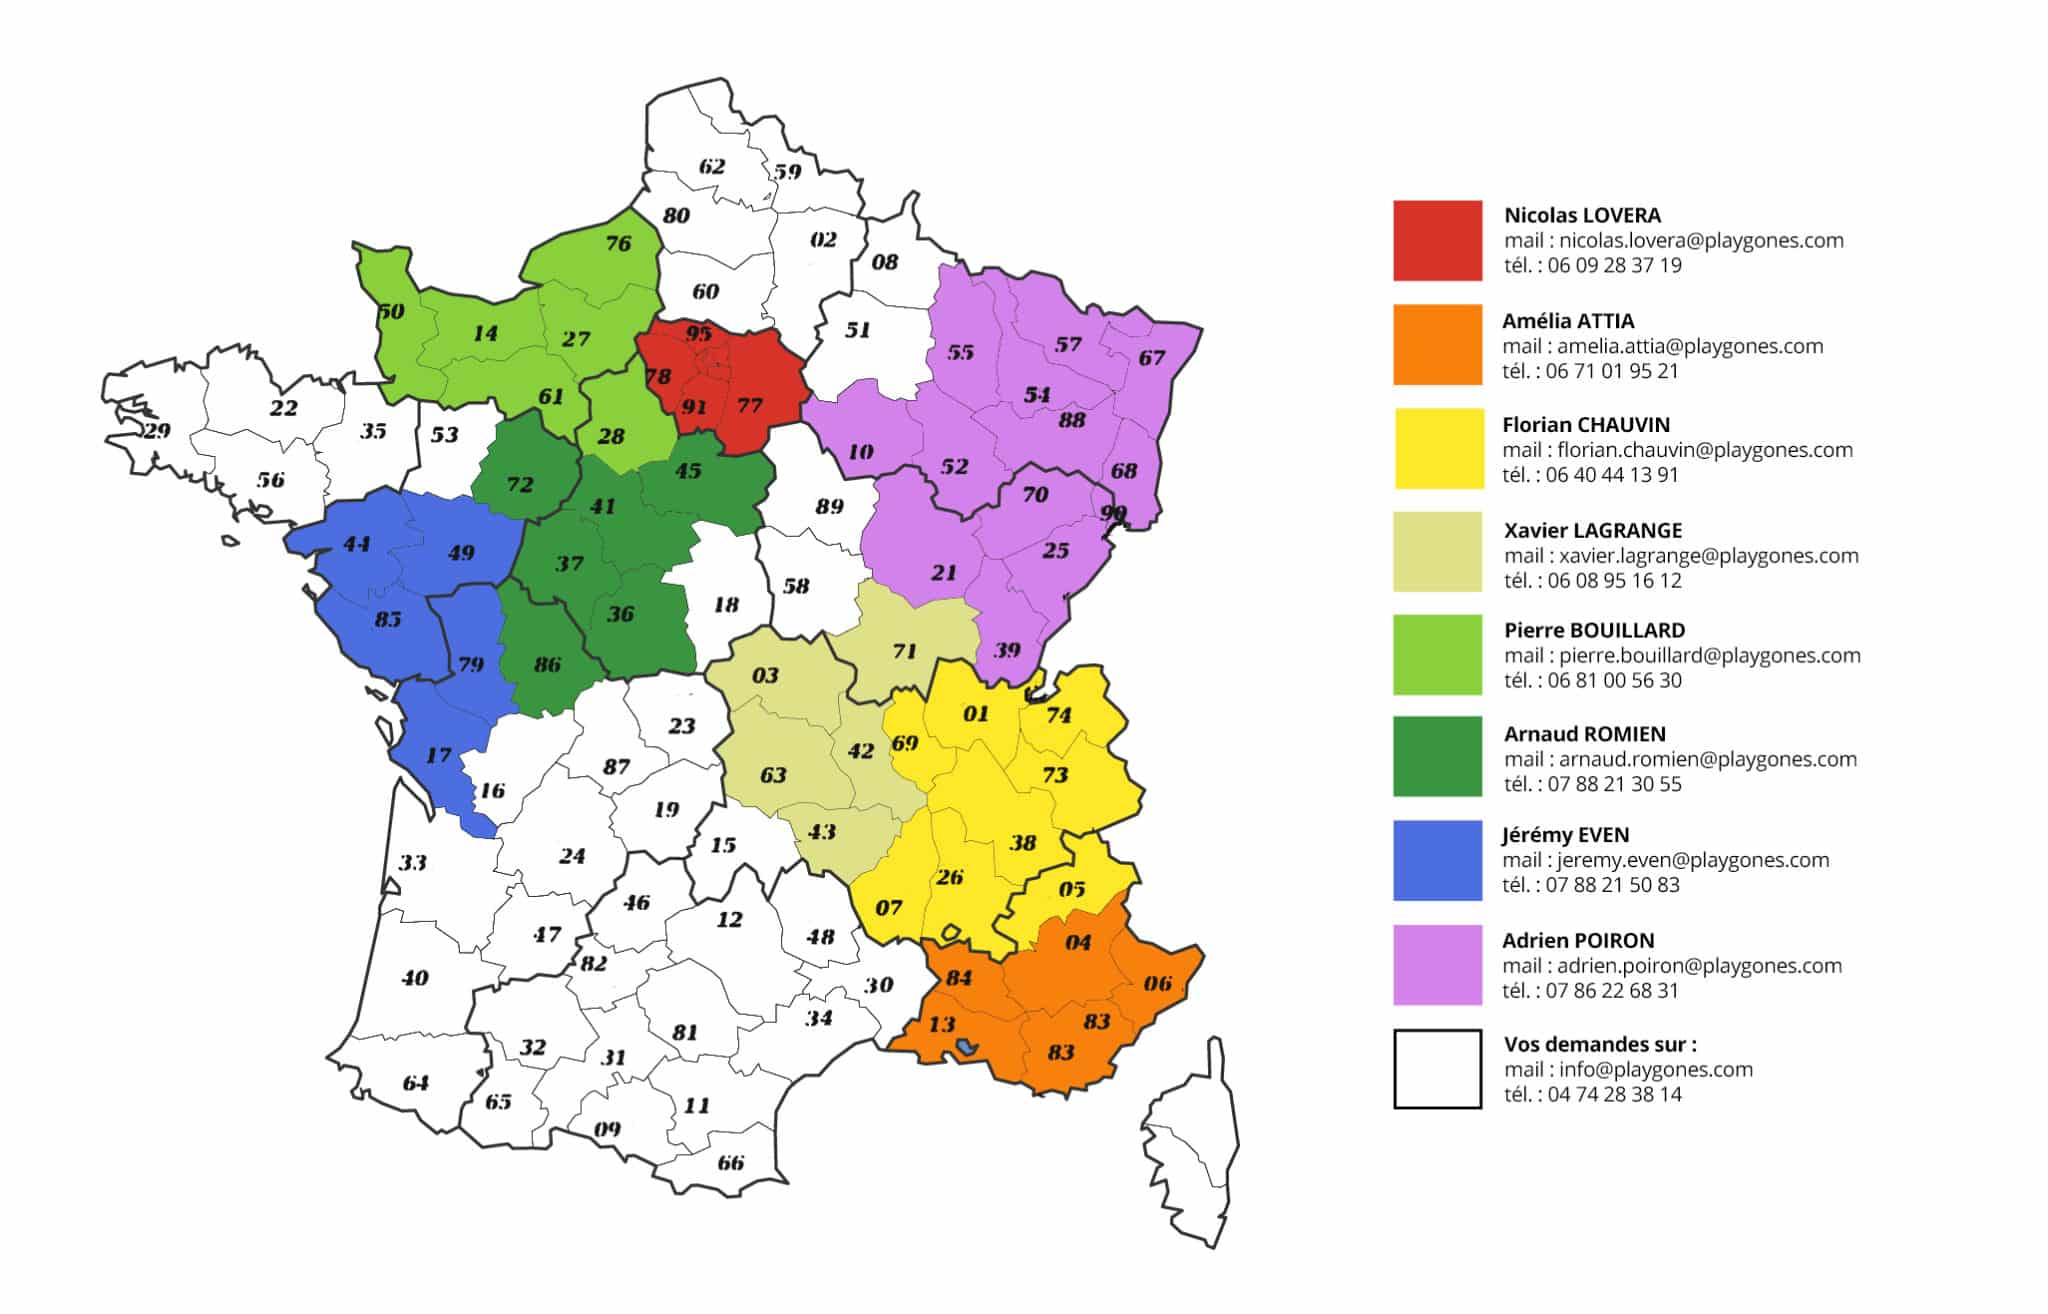 carte des commerciaux créateurs d'espaces sportifs et d'aires de jeux